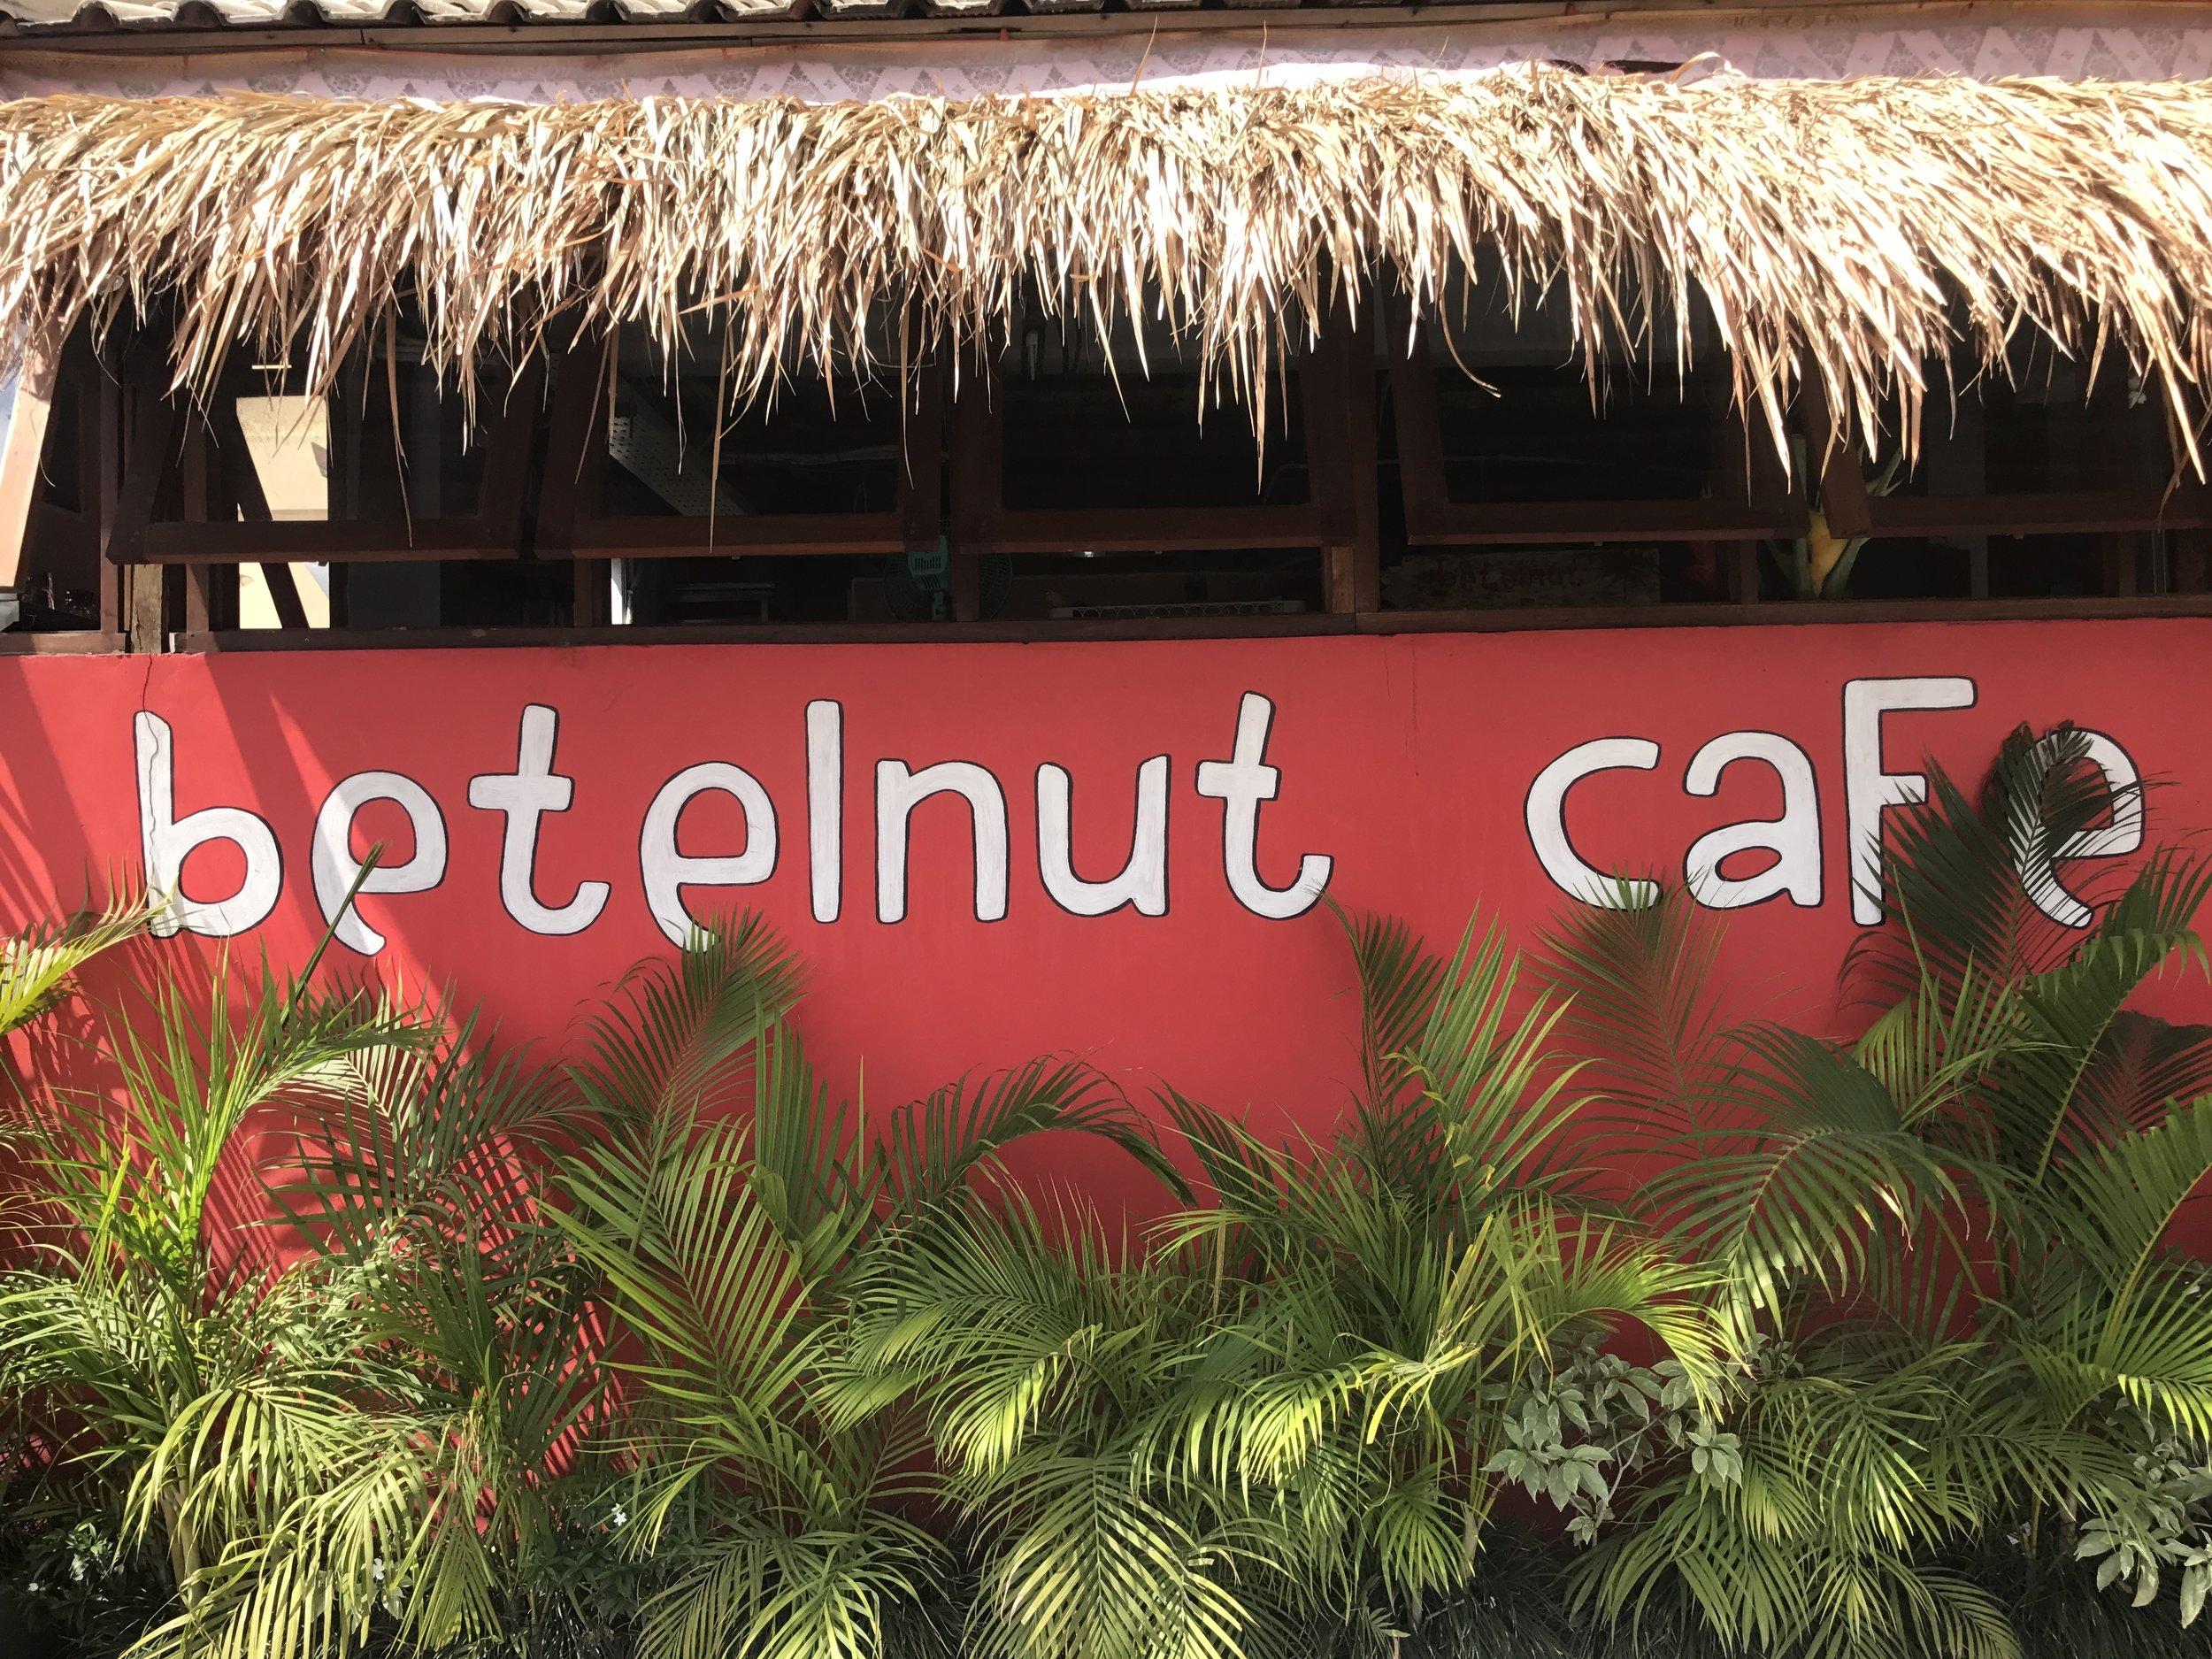 Betelnut Cafe Facade